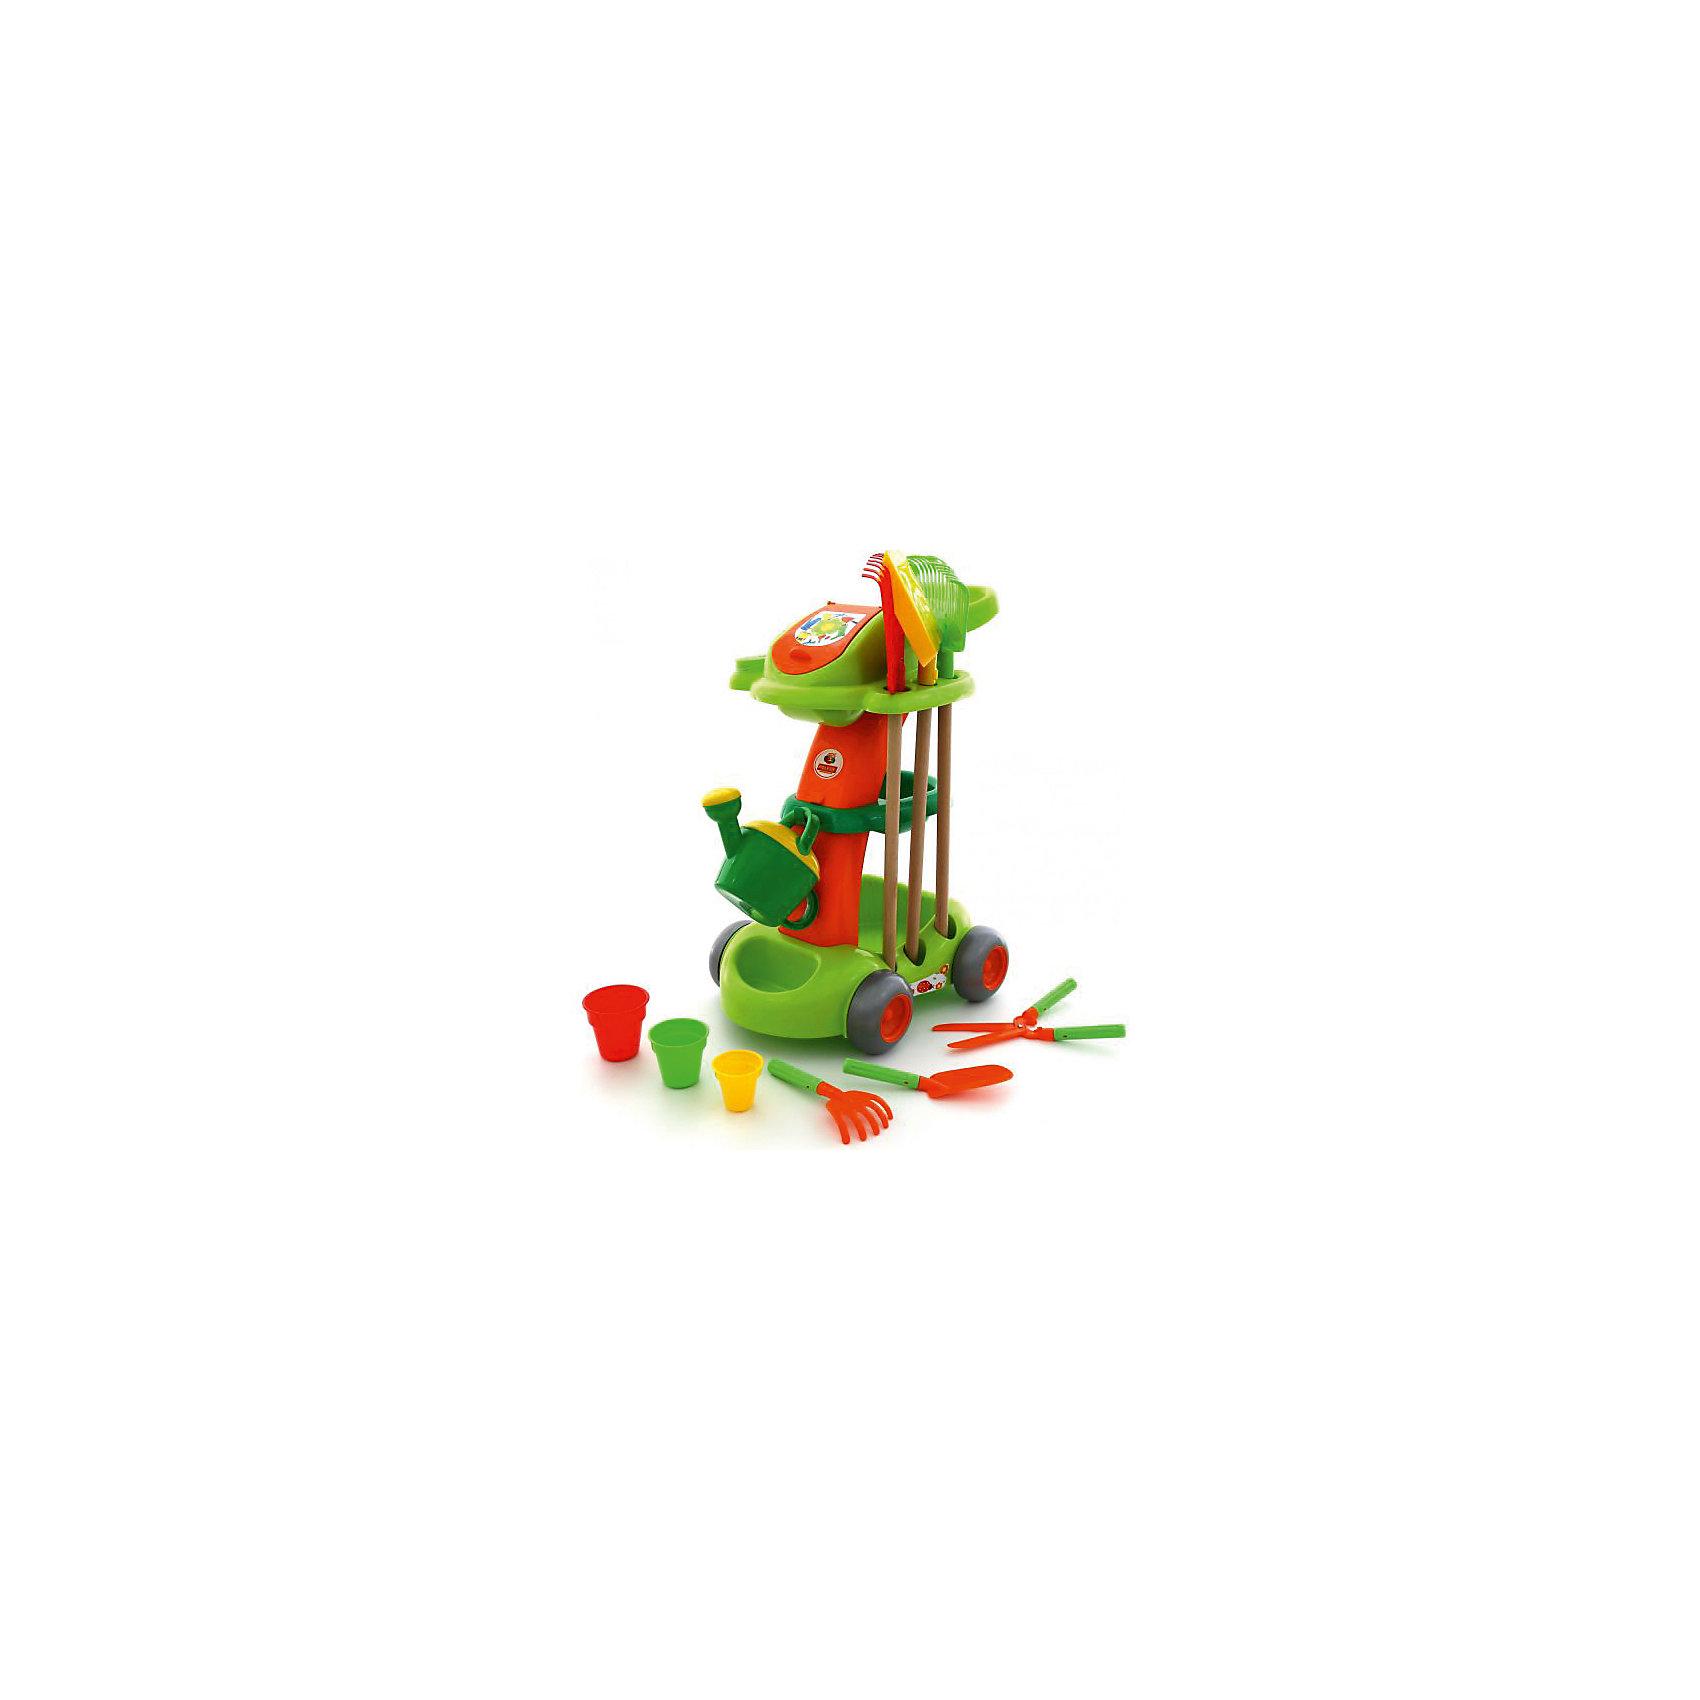 Садовый набор, ПолесьеСадовый набор, Полесье.<br><br>Характеристики:<br><br>-В наборе: тележка садовника, лейка, 3 стаканчика, большие грабли разной ширины (2 шт.), большая лопата, секатор, совок, маленькие грабли, пакет для мусора<br>- Количество предметов: 12<br>- Материал: высококачественная пластмасса, древесина<br>- Размеры: тележка: 50х37,5х69 см, грабли 61х8 и 61х2 см, лопата 63х13,5 см, стаканчики 6,5х6,5, 7,5х8 и 8,5х9 см, лейка 24х16х7,5 см, секатор 28х11,5 см, совок 22х5 мм, маленькие грабли 19,5х8,5 см.<br>- Упаковка: пакет<br>- Размер упаковки: 50 х 38 х 69 см.<br>- Вес: 2,37 кг.<br><br>У вашего маленького помощника теперь есть свои инструменты! Детский садовый набор от торговой марки Полесье – это большая удобная тележка, на которой размещается все необходимое для ухода за растениями. Теперь на даче вы будете трудиться всей семьей. Ваш малыш с энтузиазмом вместе с вами вскопает и разрыхлит грядки, польет всходы, подрежет веточки. Главной частью набора является большая яркая тележка. В ее отделах и на полочках ловко размещаются все инструменты, в верхней части есть отсек с откидывающейся крышкой. Сбоку привешивается пакет для мусора. Поверхность тележки украшена наклейками. Несмотря на свои внушительные размеры, тележка легкая, поэтому с ней управится даже самый юный садовник. У тележки широкие колеса, поэтому она легко перемещается по любой поверхности. Набор выполнен из качественной гладкой пластмассы. Большие грабли и лопата насажены на тщательно отшлифованный деревянный черенок. Ручки маленьких инструментов имеют шероховатую рельефную поверхность, благодаря чему не выскальзывают из детских ладоней. Предметы набора окрашены в яркие цвета: зеленый, желтый, оранжевый, синий и красный. Сюжетно-ролевая игра с набором садового инвентаря воспитает в ребенке ответственность, трудолюбие, самостоятельность.<br><br>Садовый набор, Полесье можно купить в нашем интернет-магазине.<br><br>Ширина мм: 500<br>Глубина мм: 375<br>Высота мм: 690<br>Вес г: 3250<br>Возраст